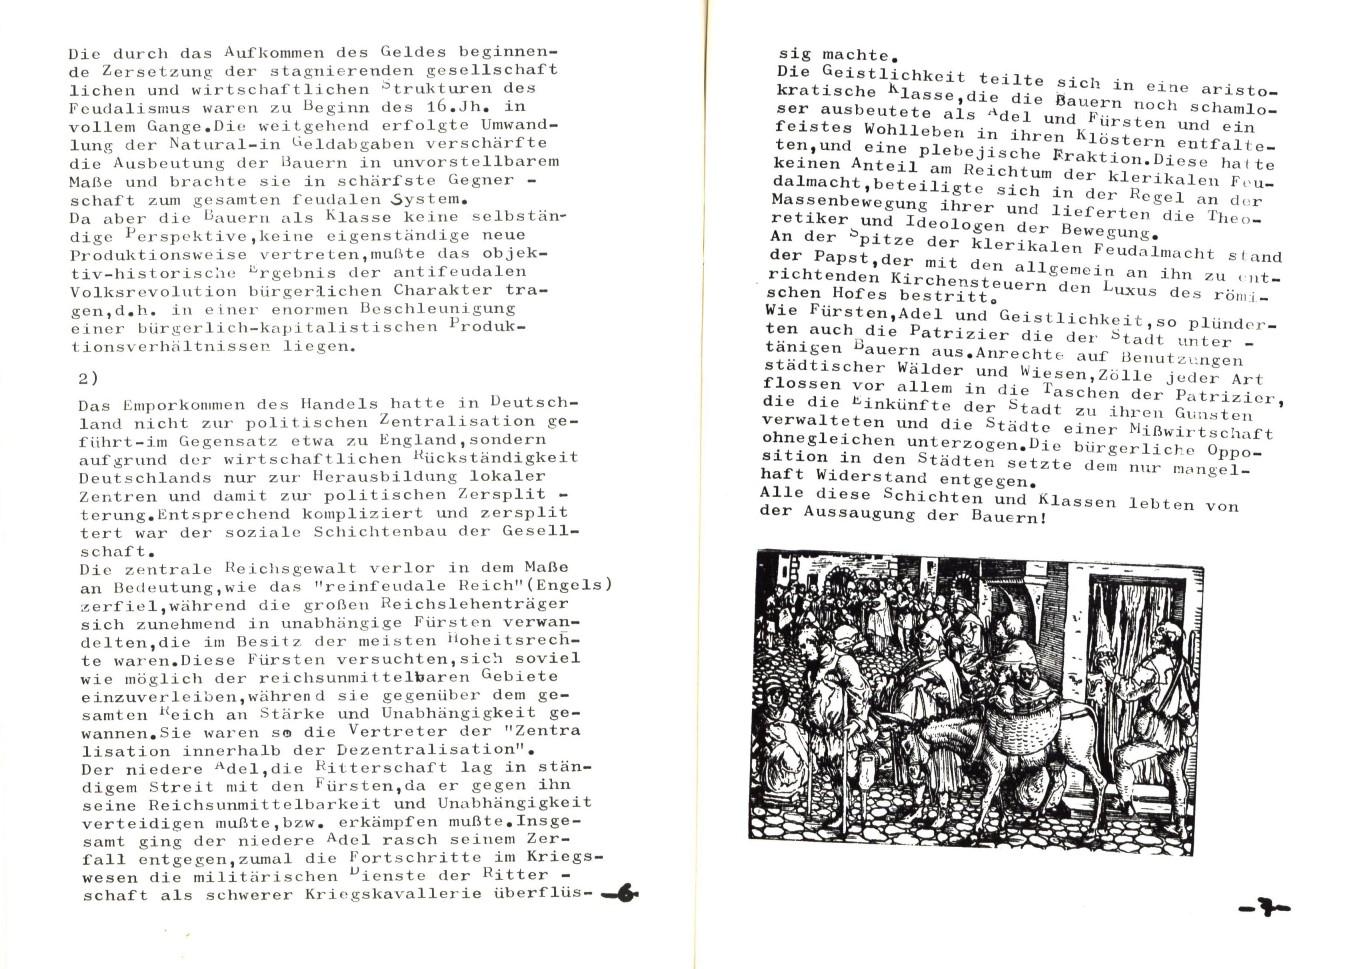 Berlin_KSV_1976_Wochenendseminare_Geschichte_01_05